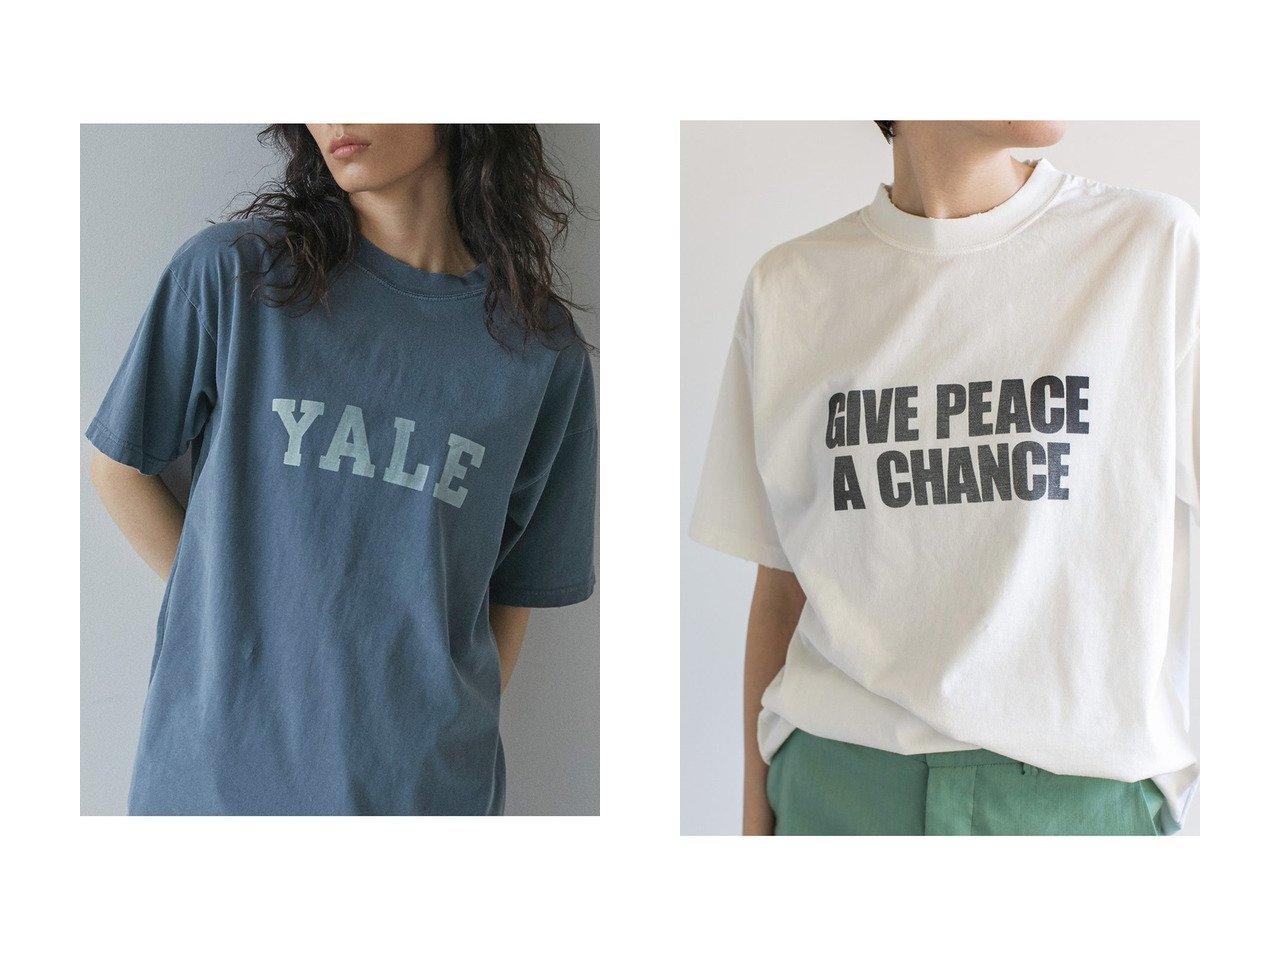 【GALLARDAGALANTE/ガリャルダガランテ】の【R JUBILEE】別注ロゴTシャツ/YALE&【R JUBILEE】別注ロゴTシャツ/GIVE PEACE A CHANGE 【トップス・カットソー】おすすめ!人気、トレンド・レディースファッションの通販   おすすめで人気の流行・トレンド、ファッションの通販商品 メンズファッション・キッズファッション・インテリア・家具・レディースファッション・服の通販 founy(ファニー) https://founy.com/ ファッション Fashion レディースファッション WOMEN トップス・カットソー Tops/Tshirt シャツ/ブラウス Shirts/Blouses ロング / Tシャツ T-Shirts カットソー Cut and Sewn 2021年 2021 2021春夏・S/S SS/Spring/Summer/2021 S/S・春夏 SS・Spring/Summer ショート シンプル スリーブ フロント ワンポイント ヴィンテージ 別注 春 Spring |ID:crp329100000026670